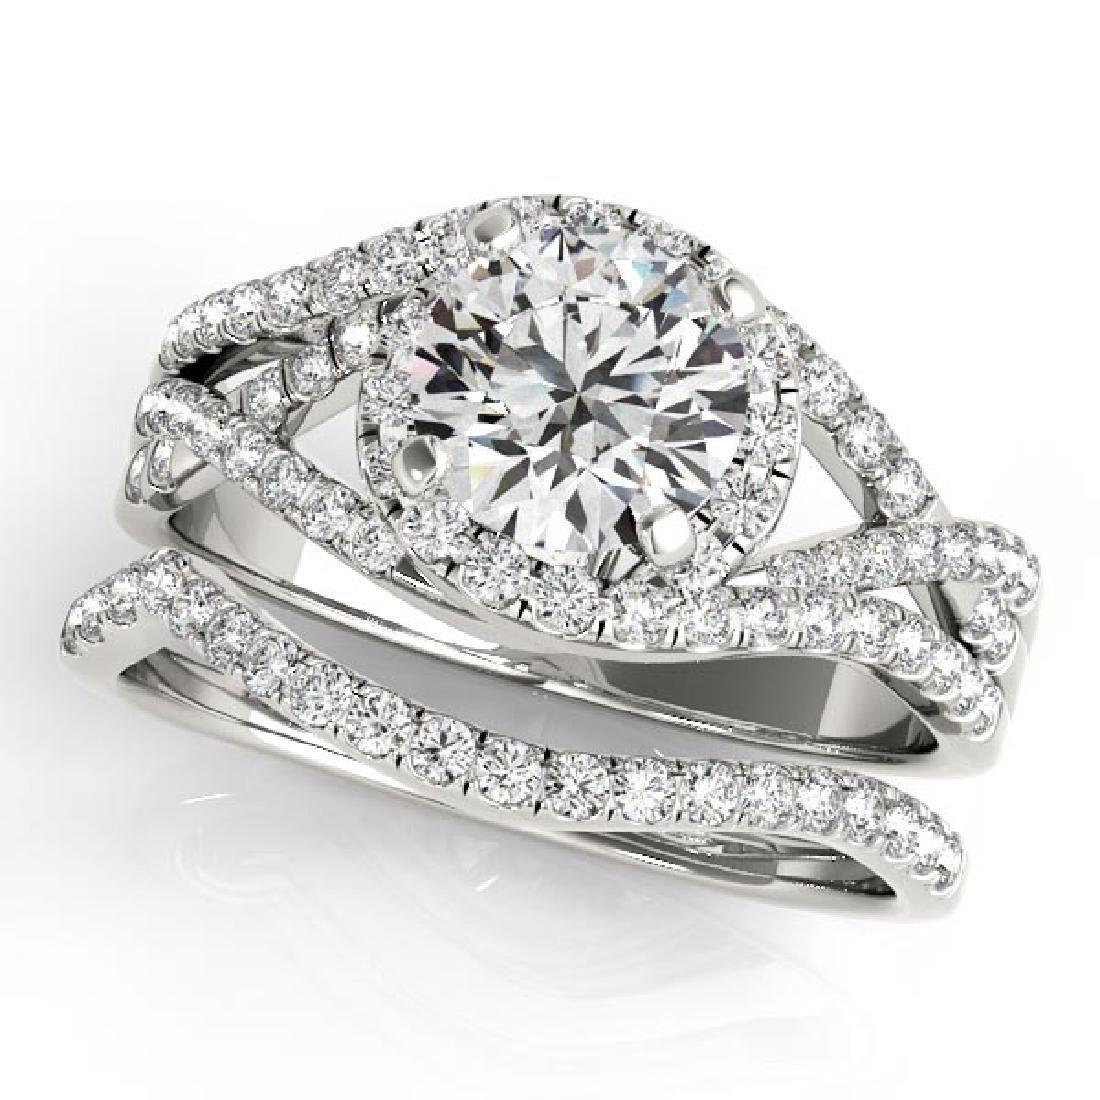 Twisted Halo Engagement Ring Bridal Set 14k White Gold